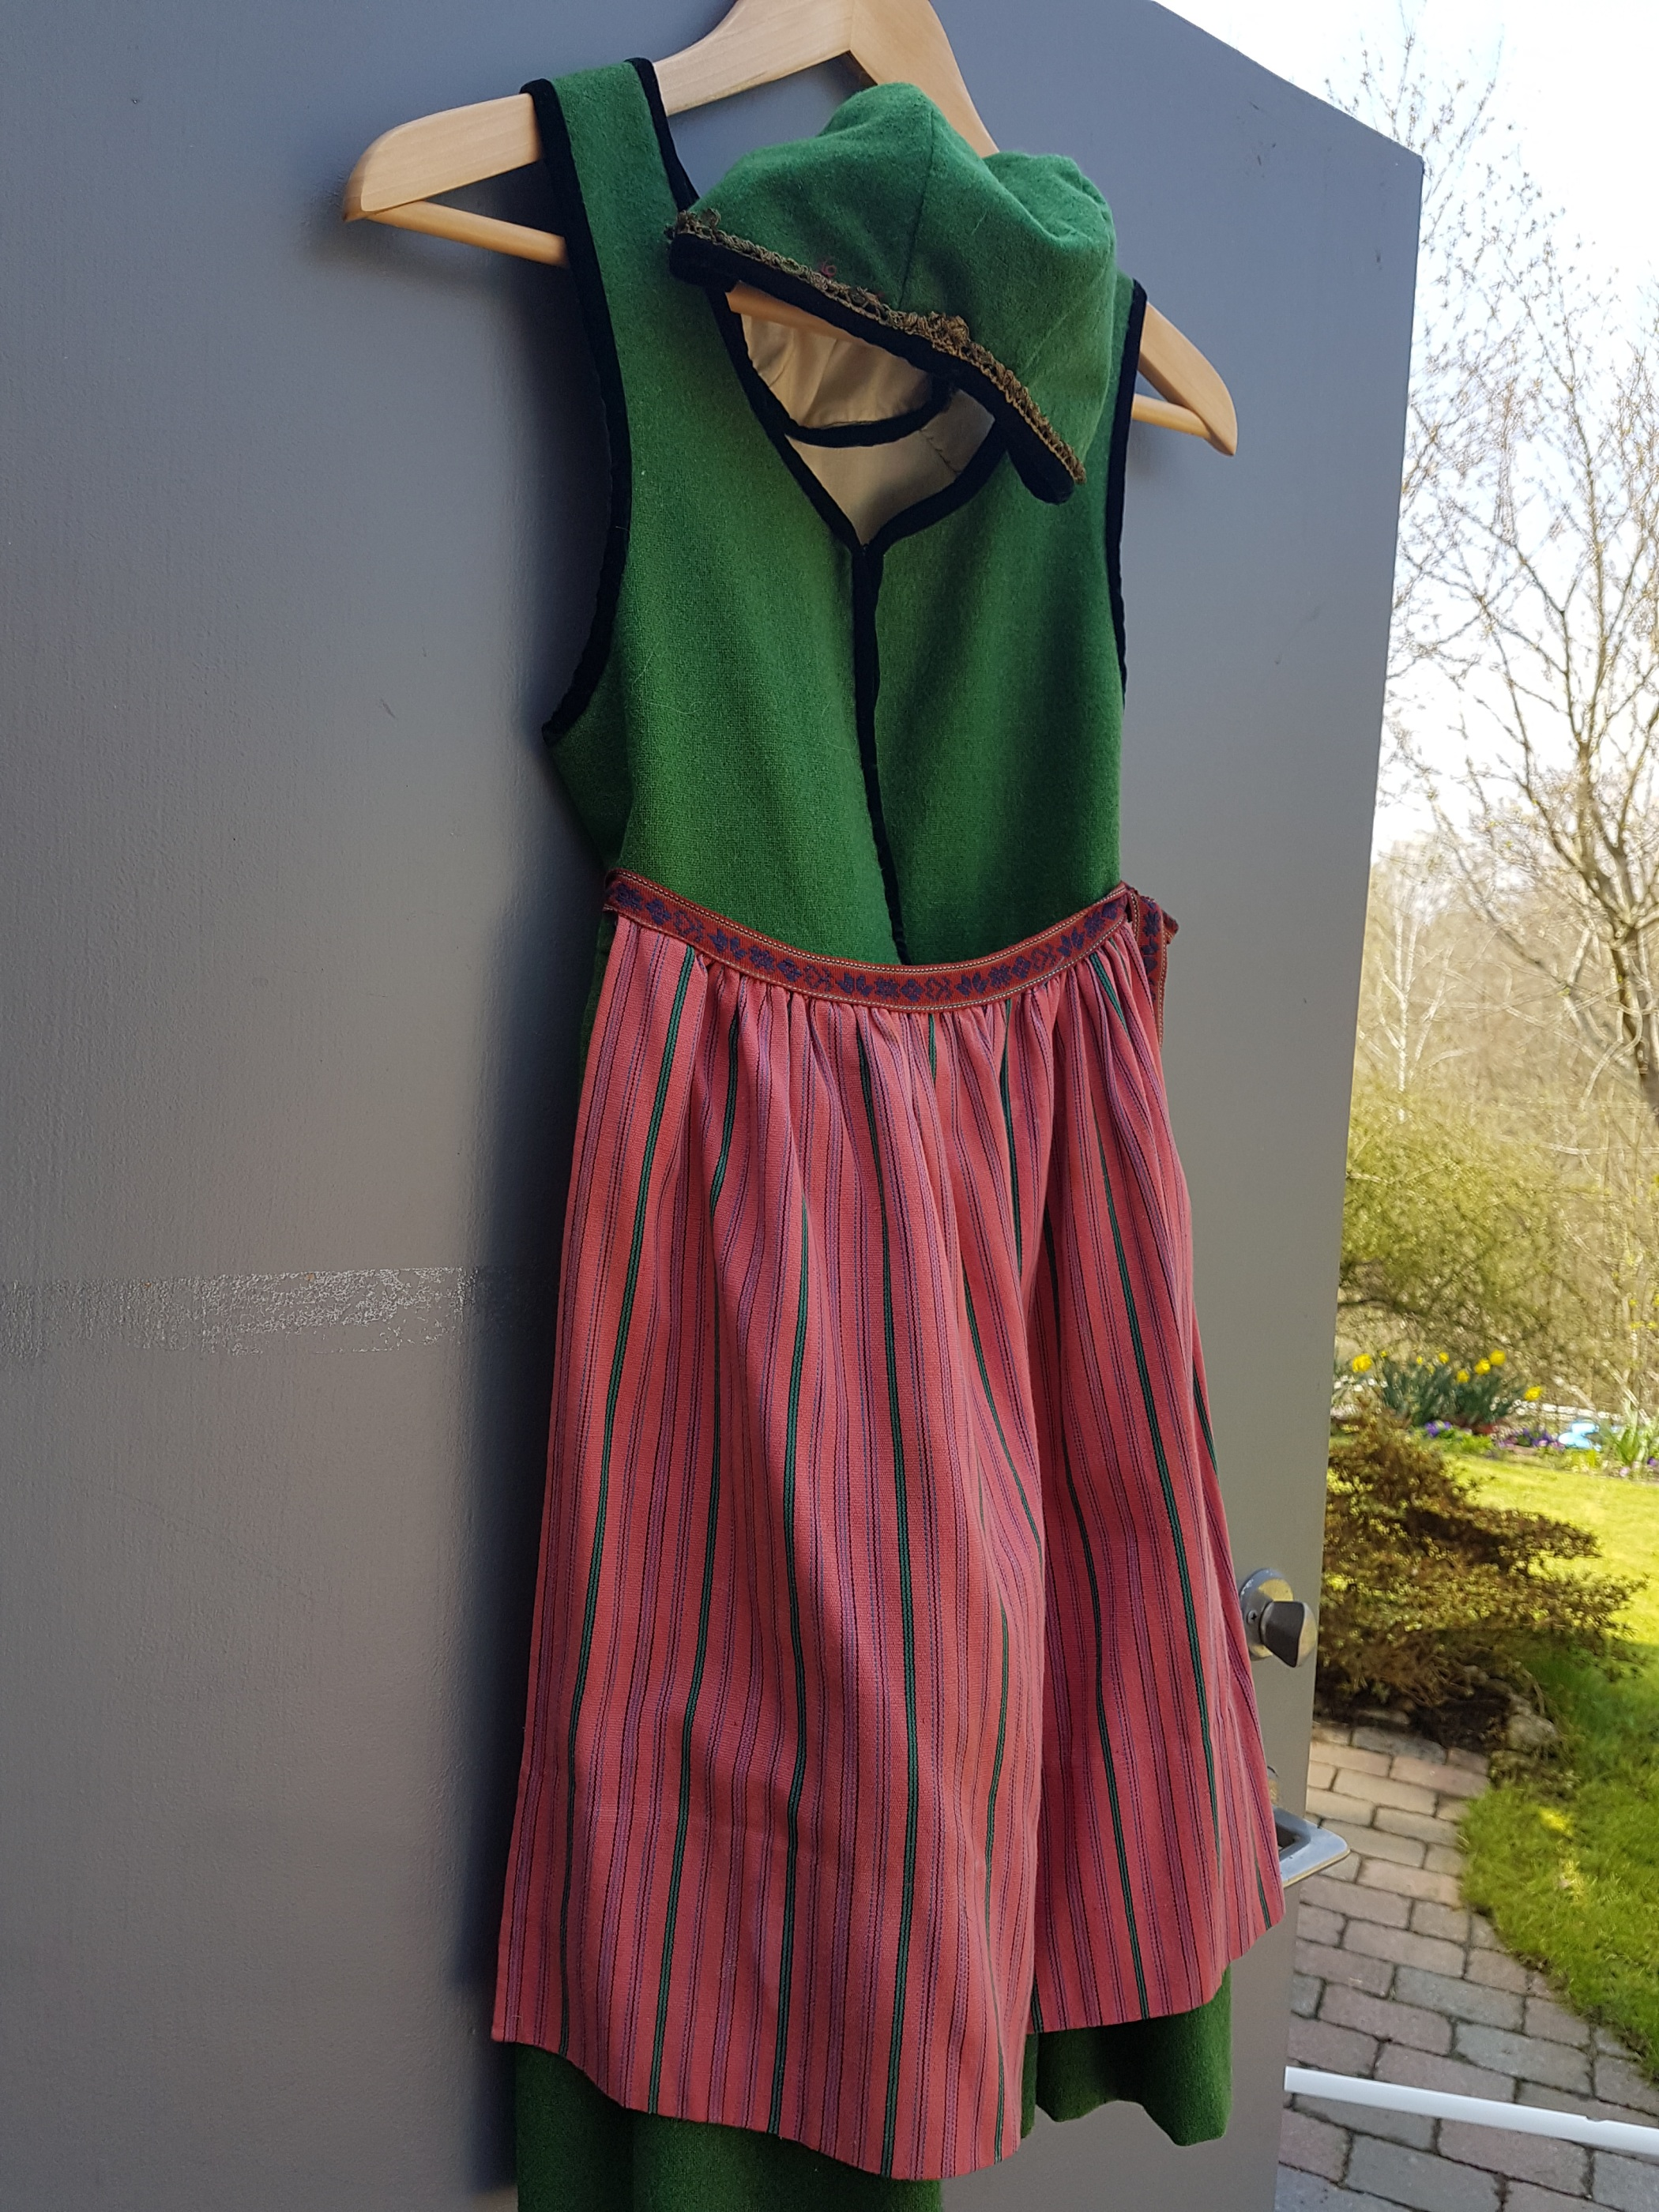 7b79cab34642 Dräkten är i storlek ca 9- 12 år. Delarna til dräkten, livstycke kjol,  förkläde och hätta. Dräkten är använd vid 3-5 tillfällen.